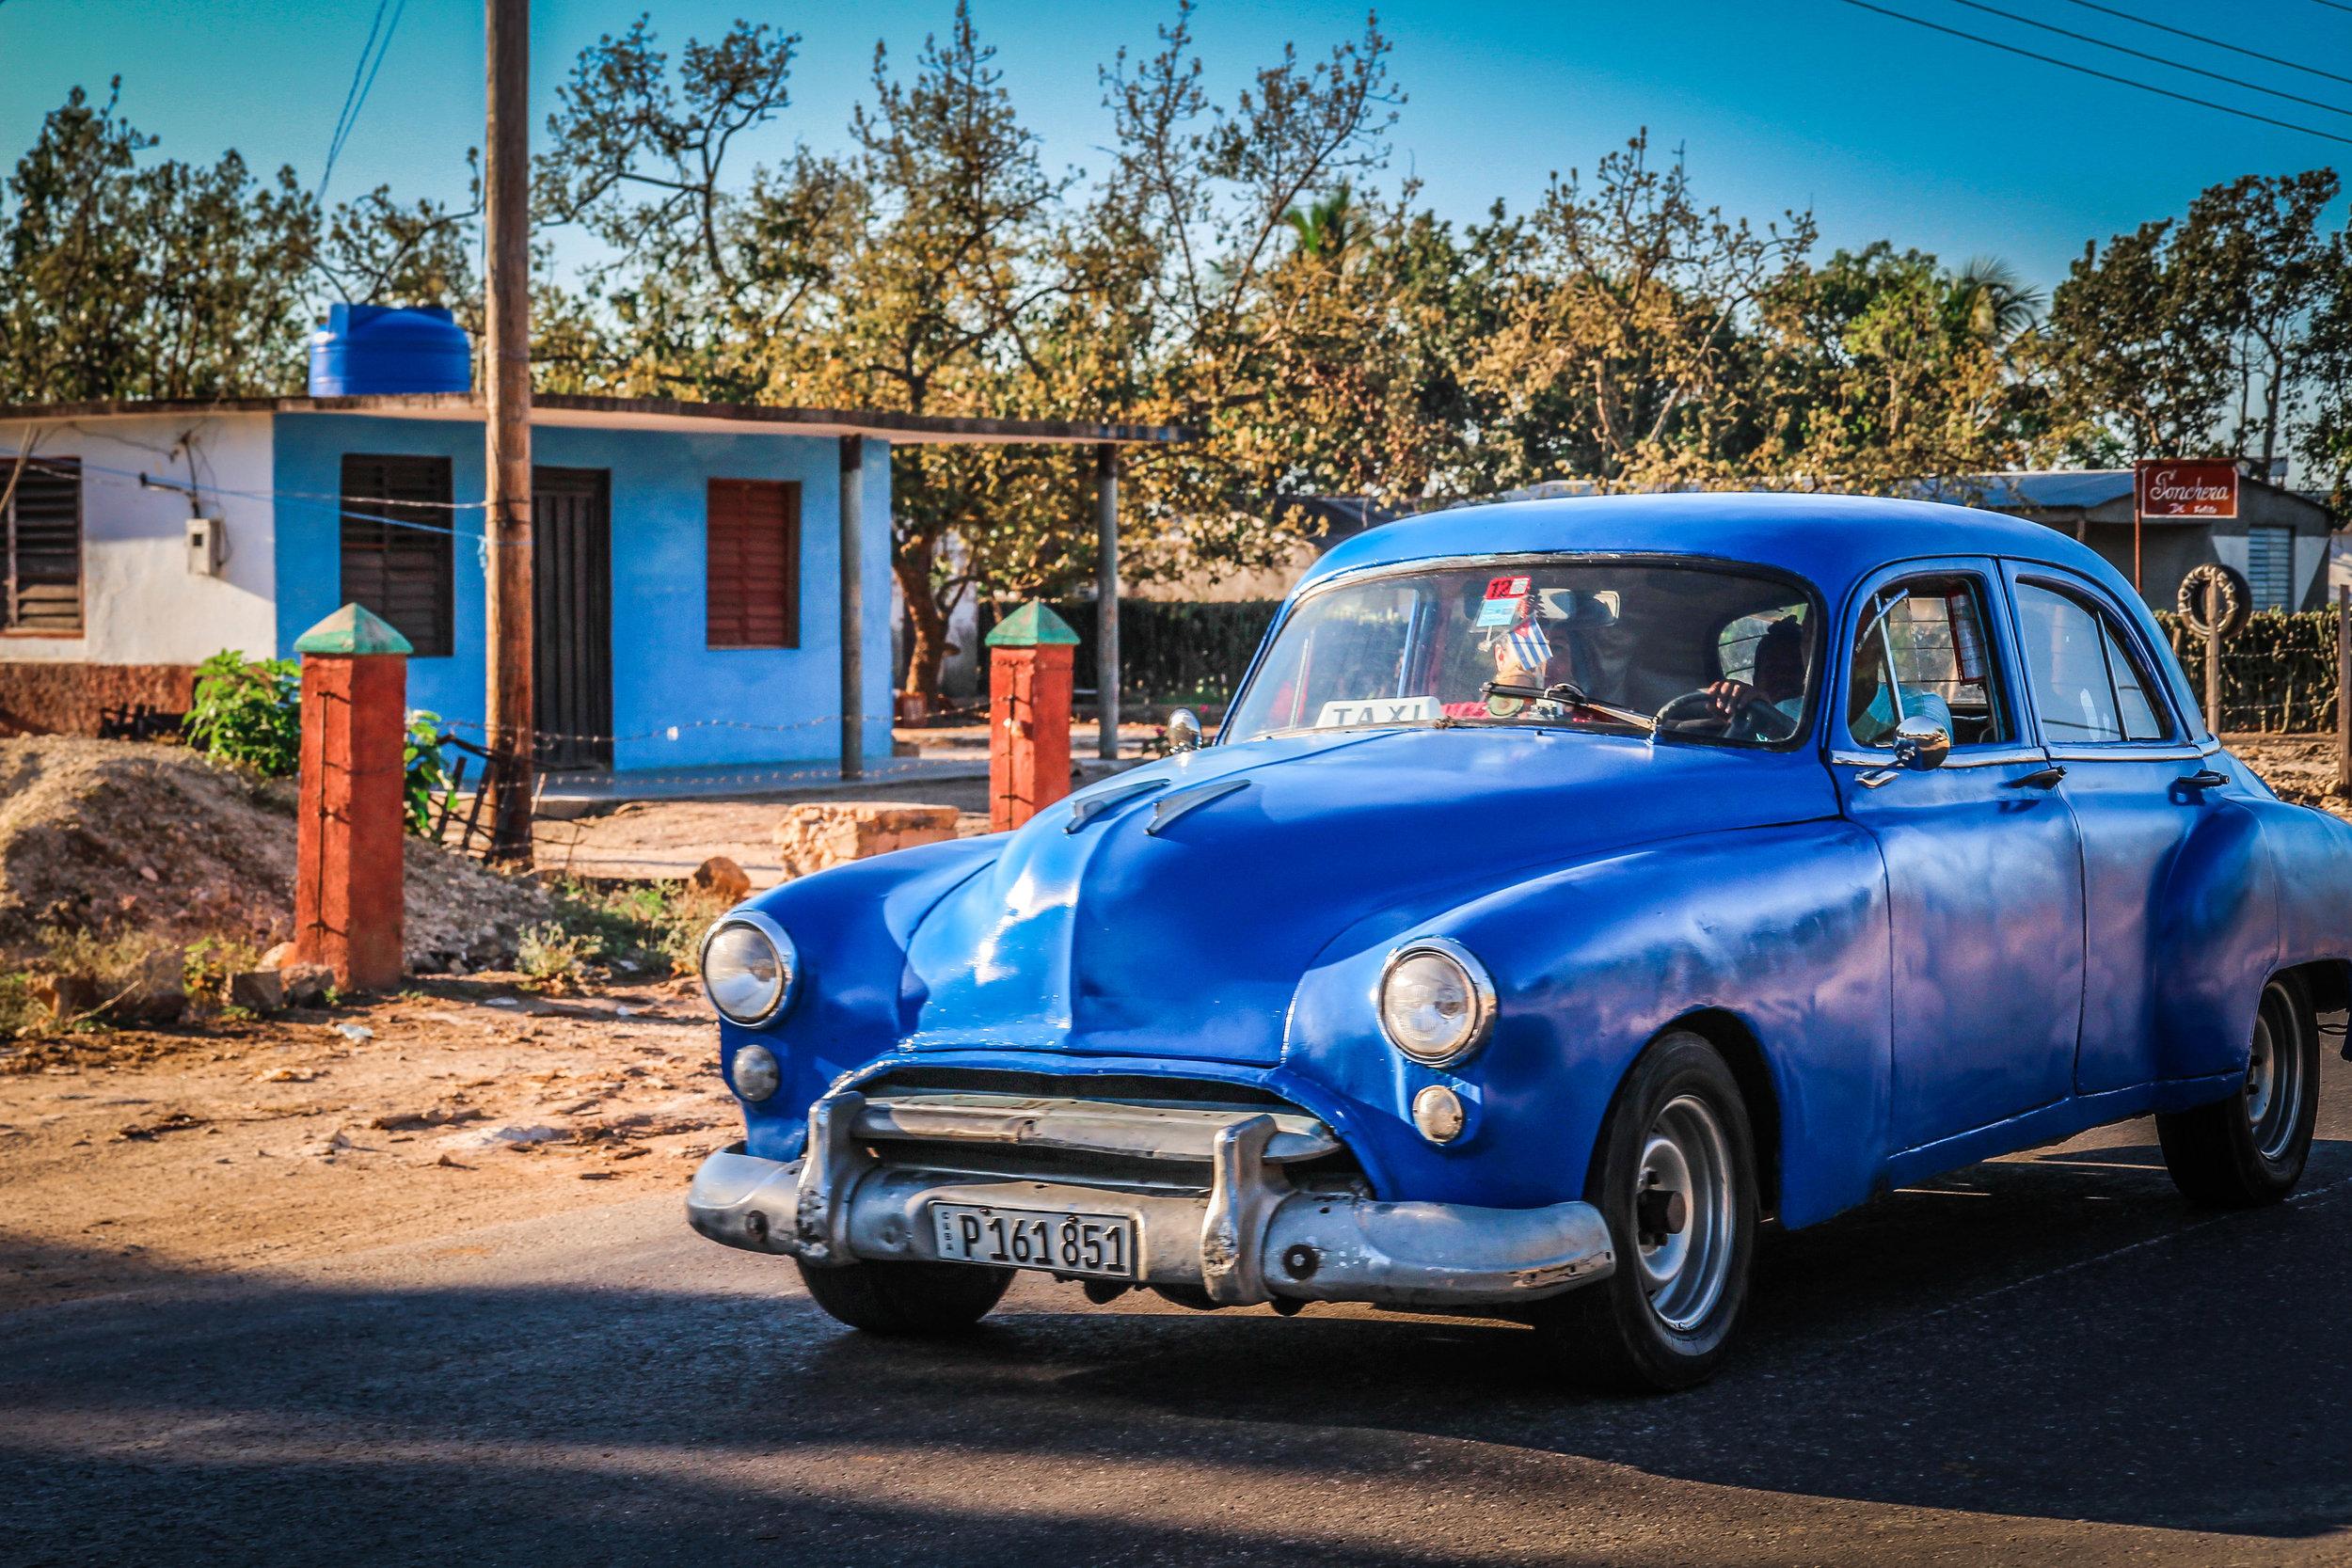 Onderweg naar Trinidad cuba - blauwe oldtimer